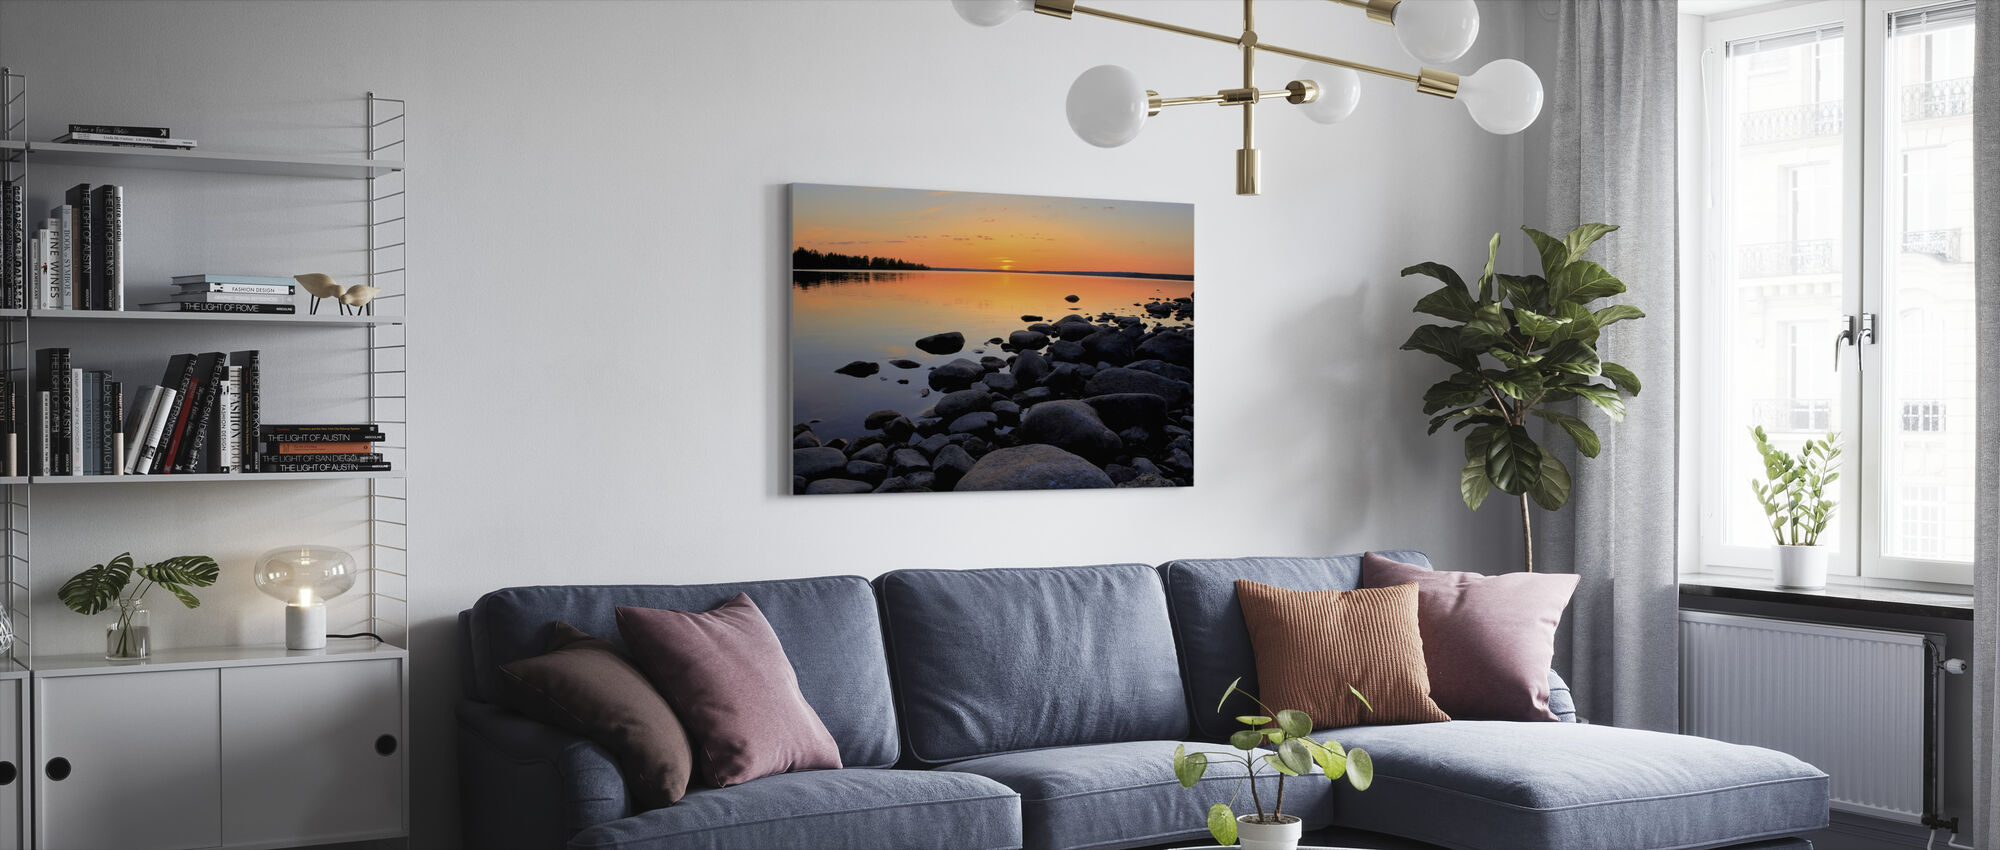 Norra Sverige Midnattssol - Canvastavla - Vardagsrum